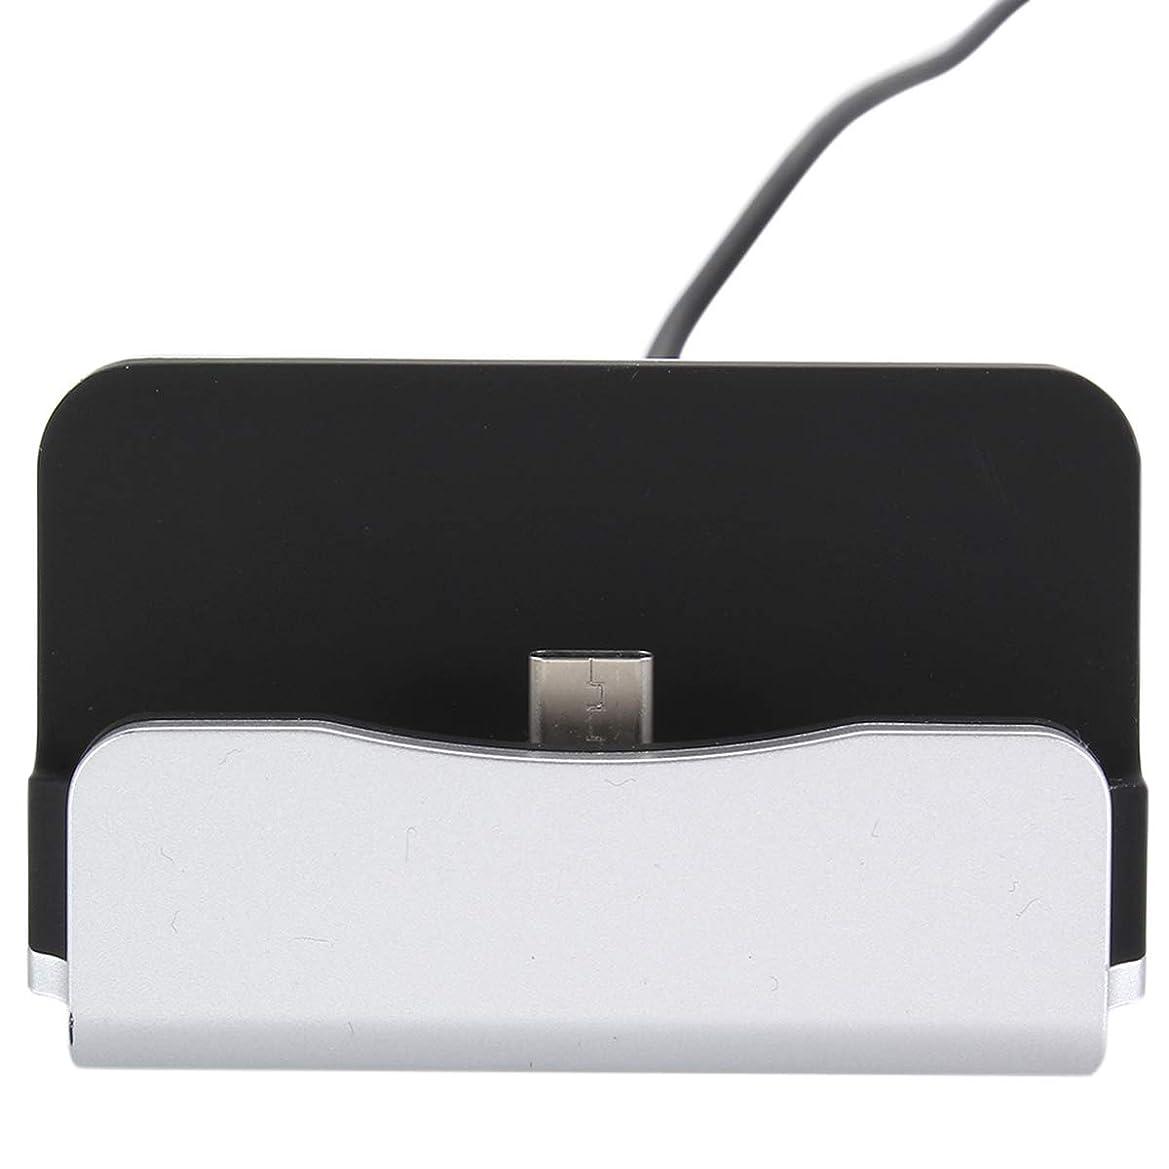 レキシコン活力うそつきSemoic ライン充電器 卓上スタンド充電器Type-cを搭載した新しい充電ベース シルバー